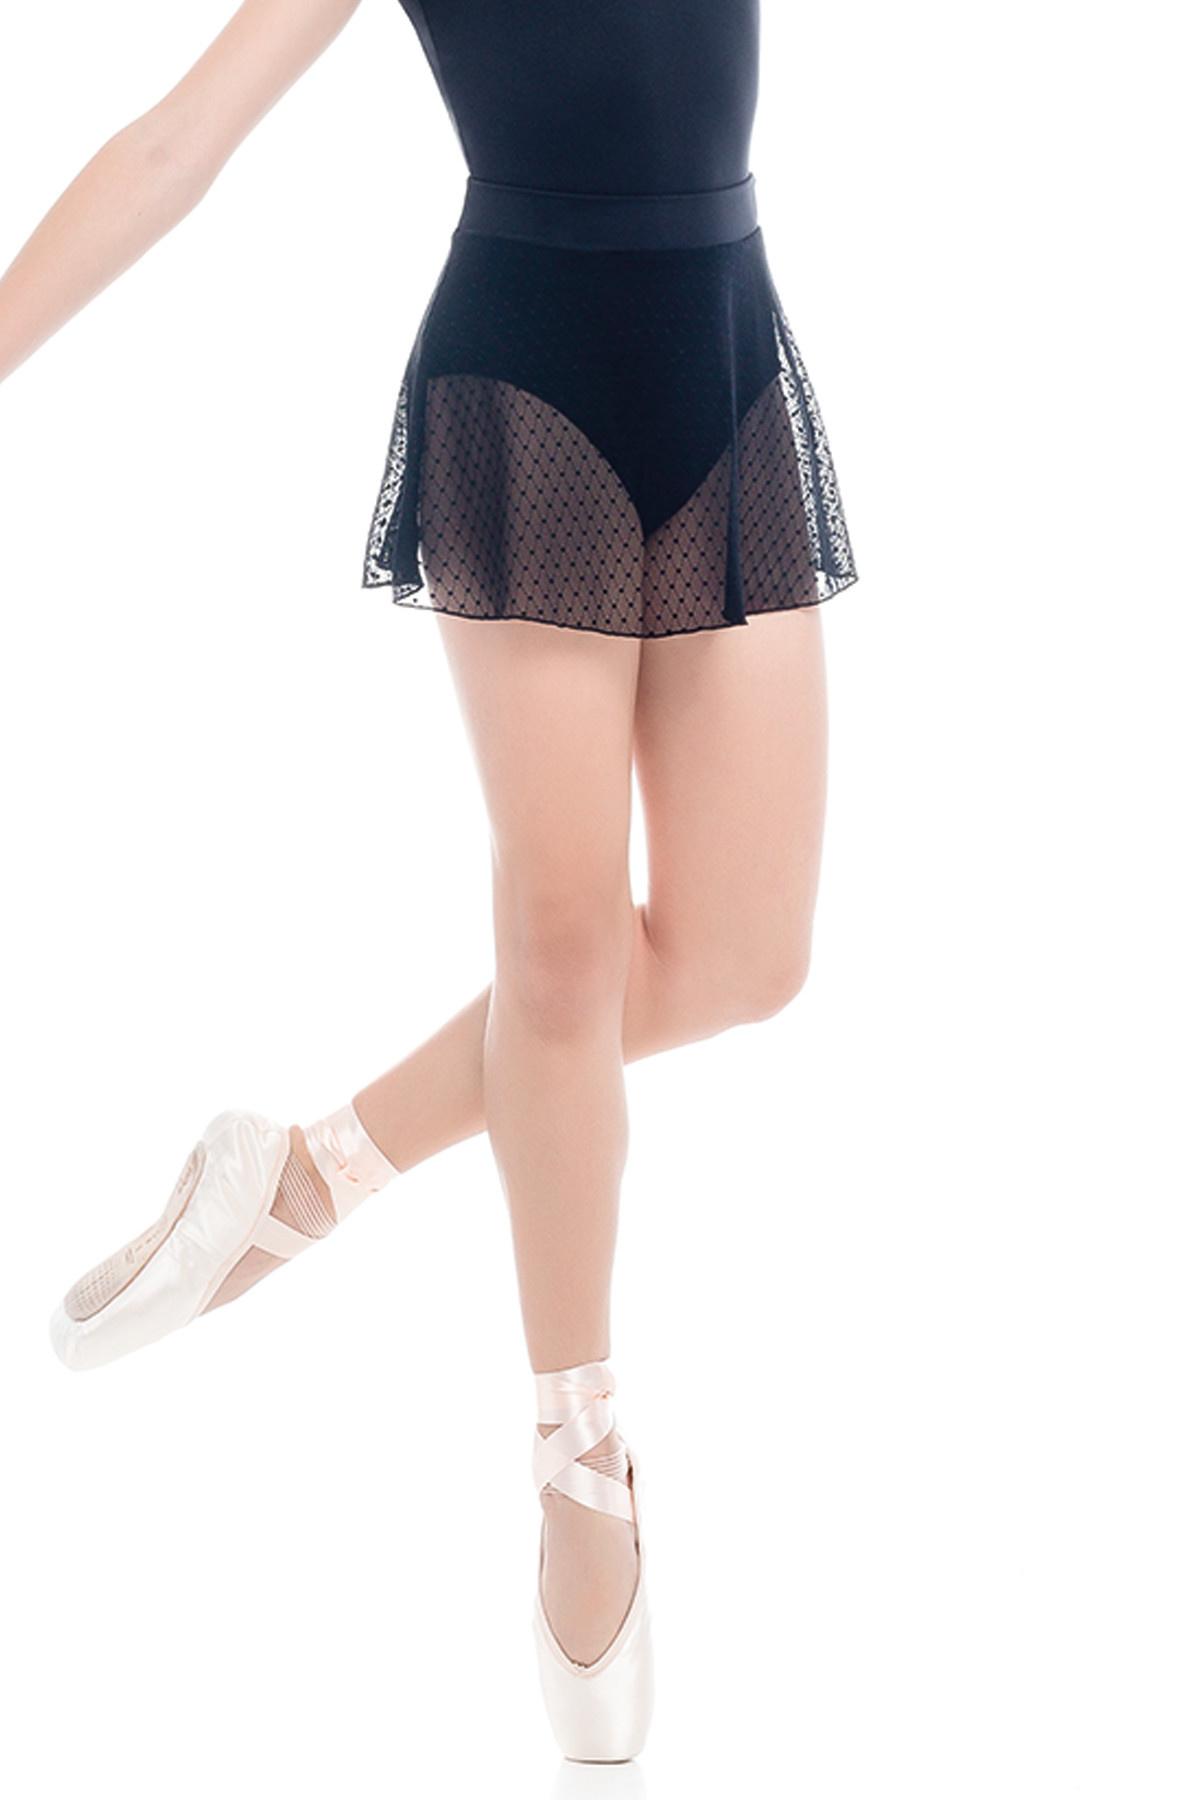 So Danca Diamond Mesh Pull-On Skirt, So Danca L-1909